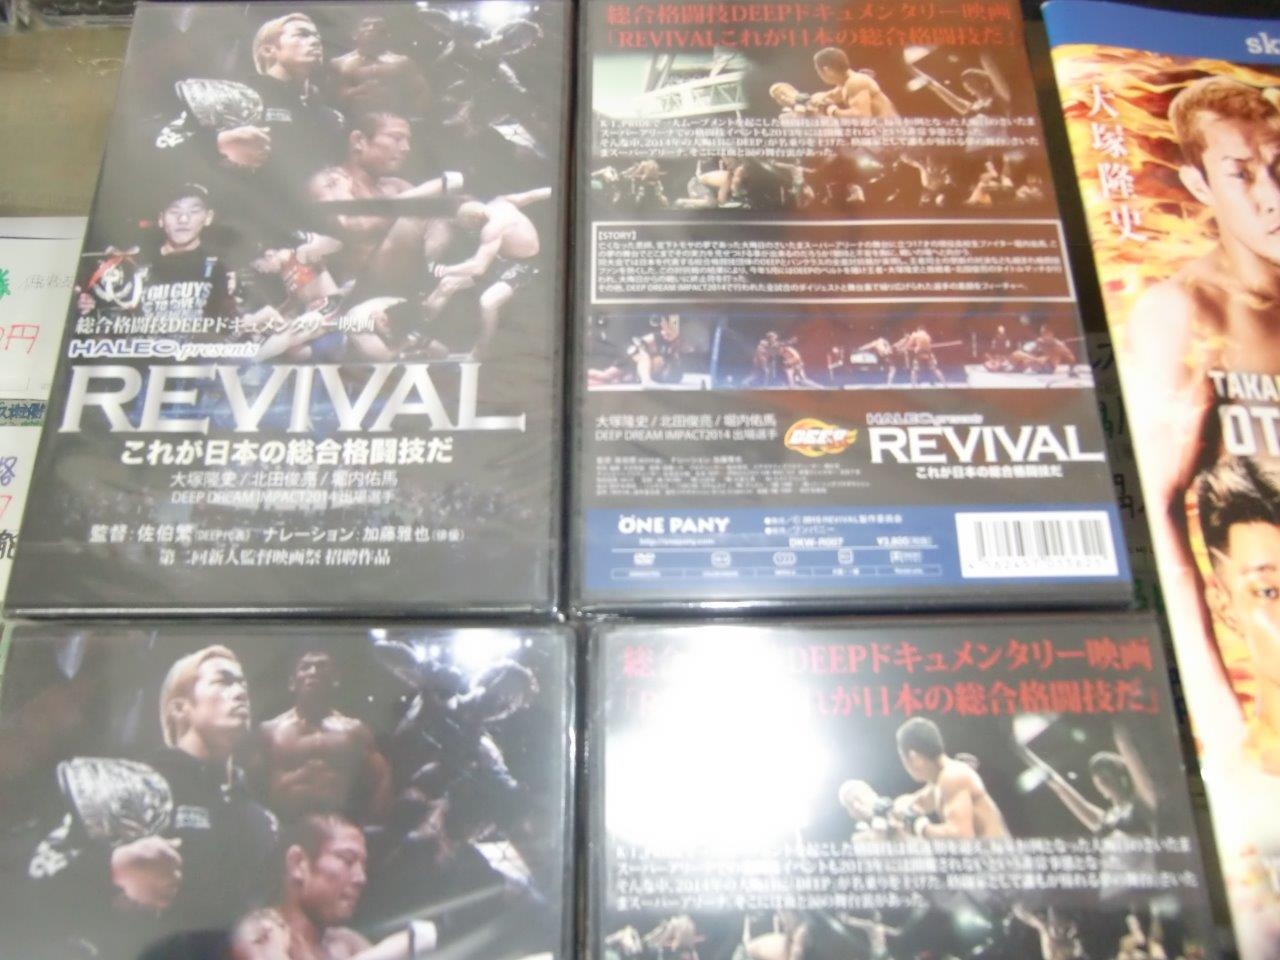 総合格闘技DEEPドキュメンタリー映画 REVIVAL~これが日本の総合格闘技だ~ DVD